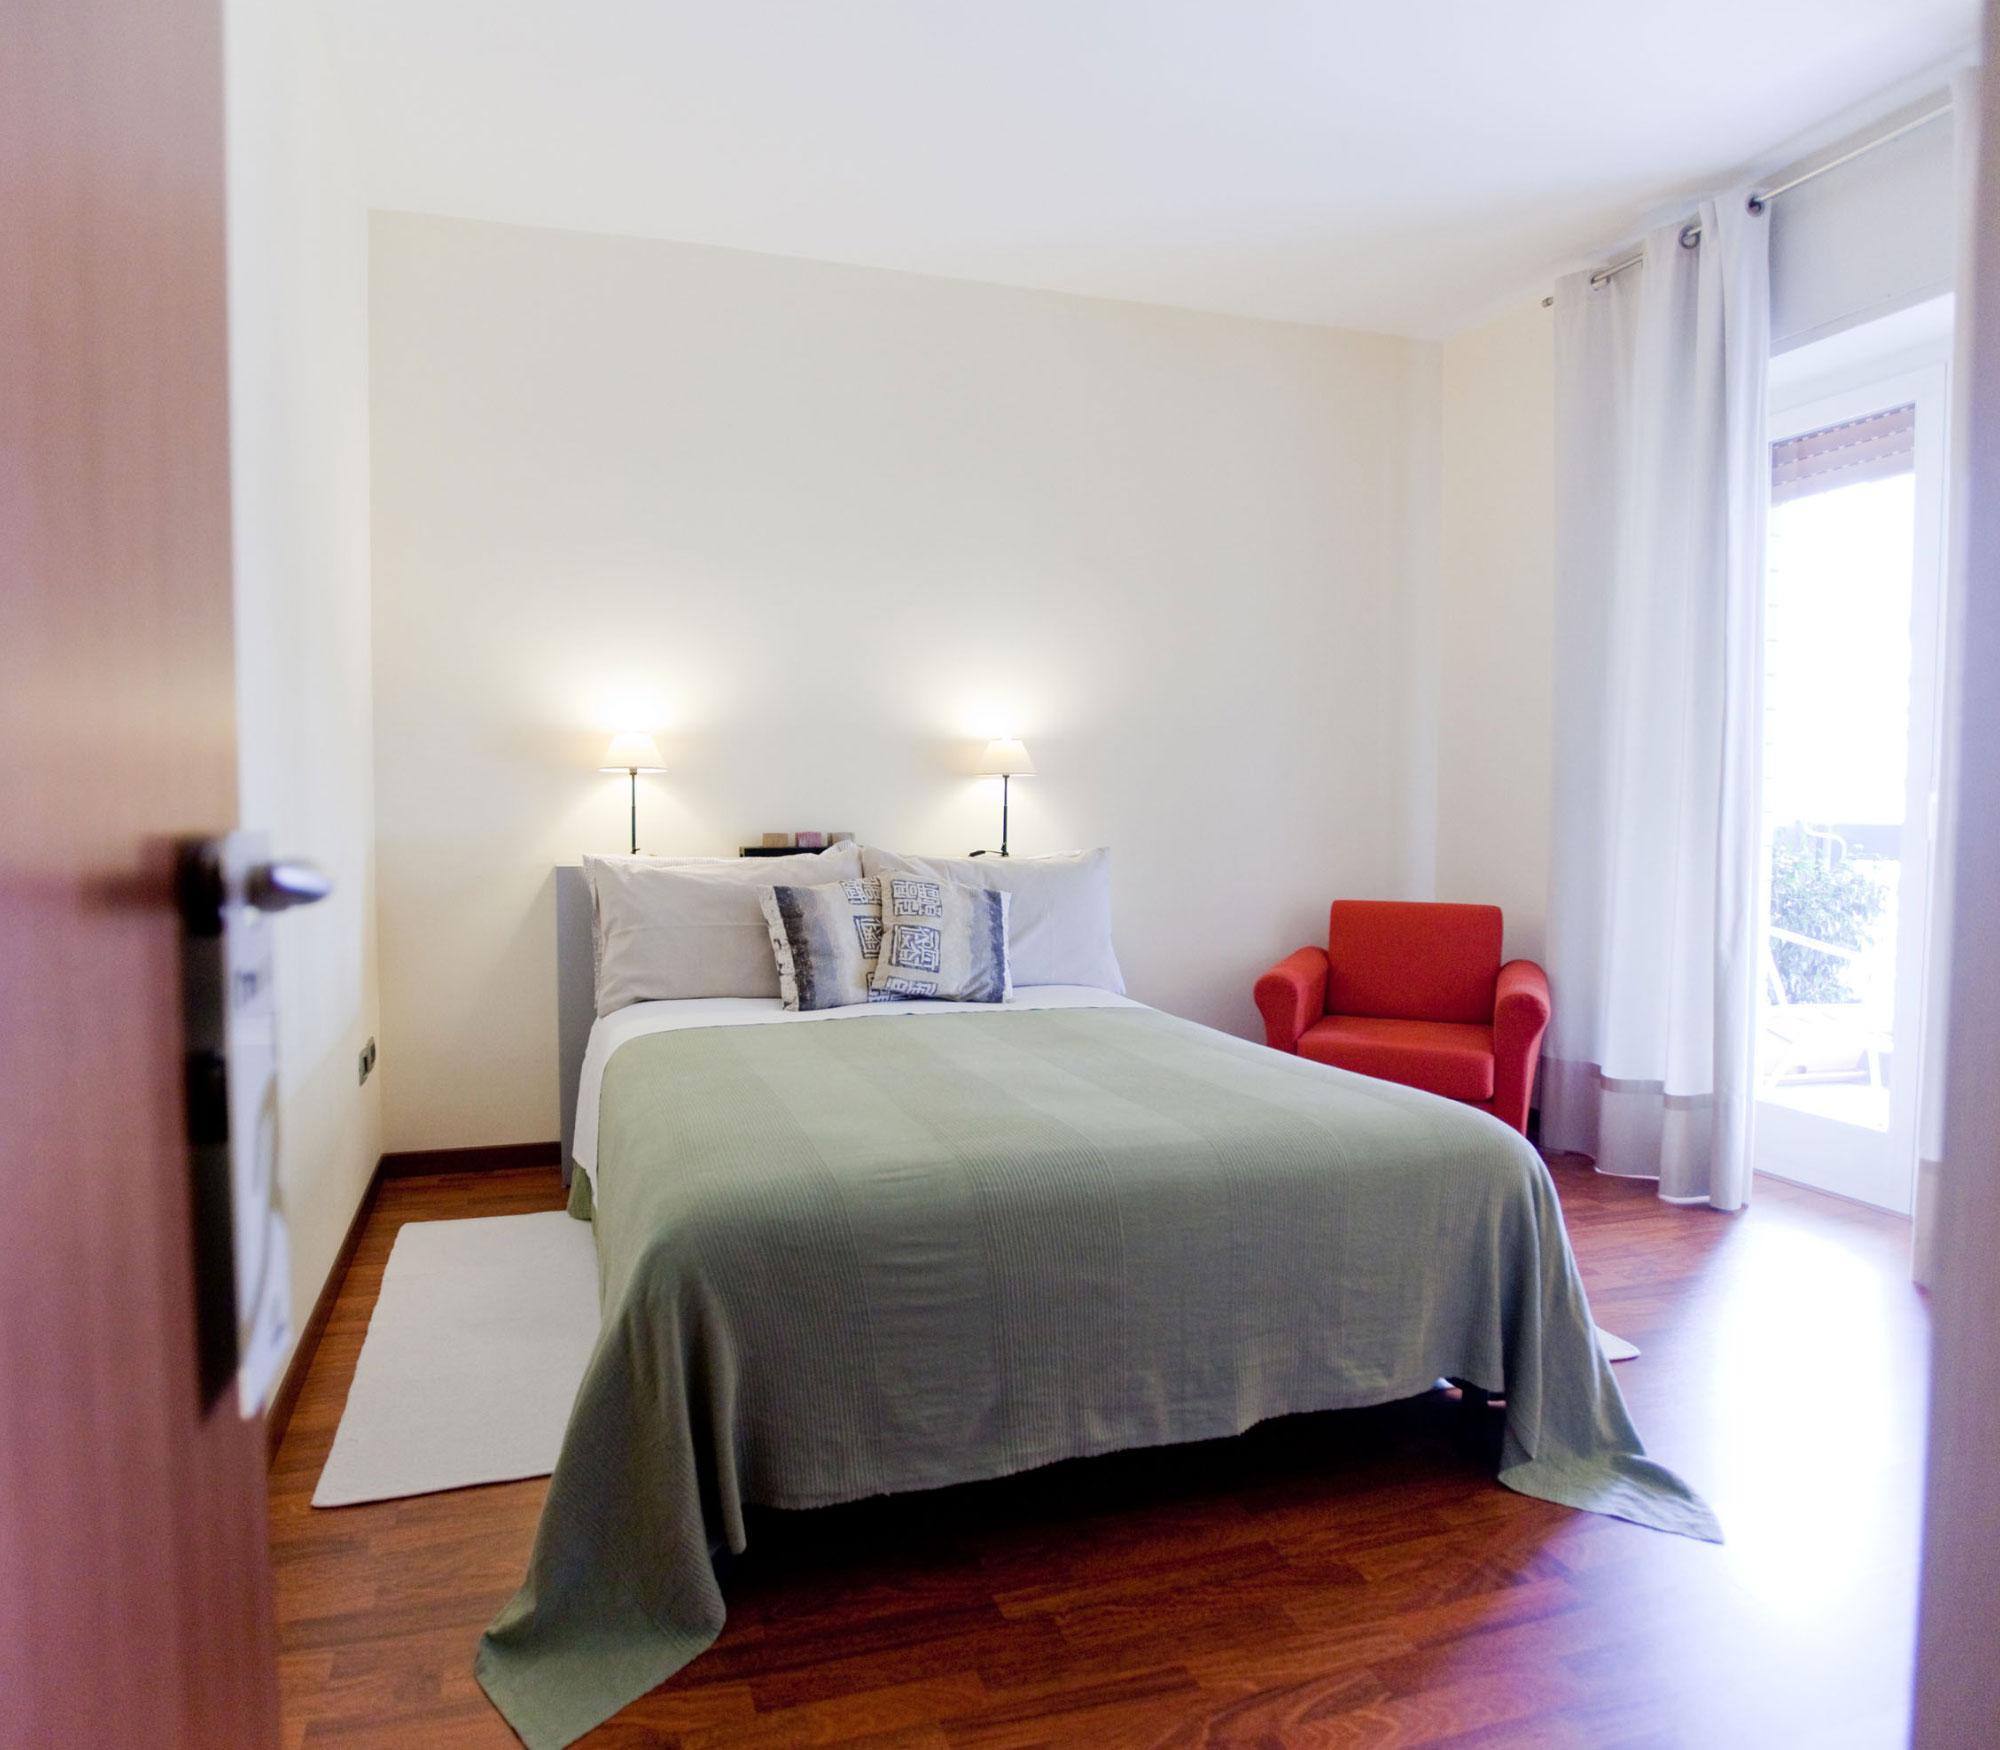 Bed And Breakfast Rooms Rent Vesuvio